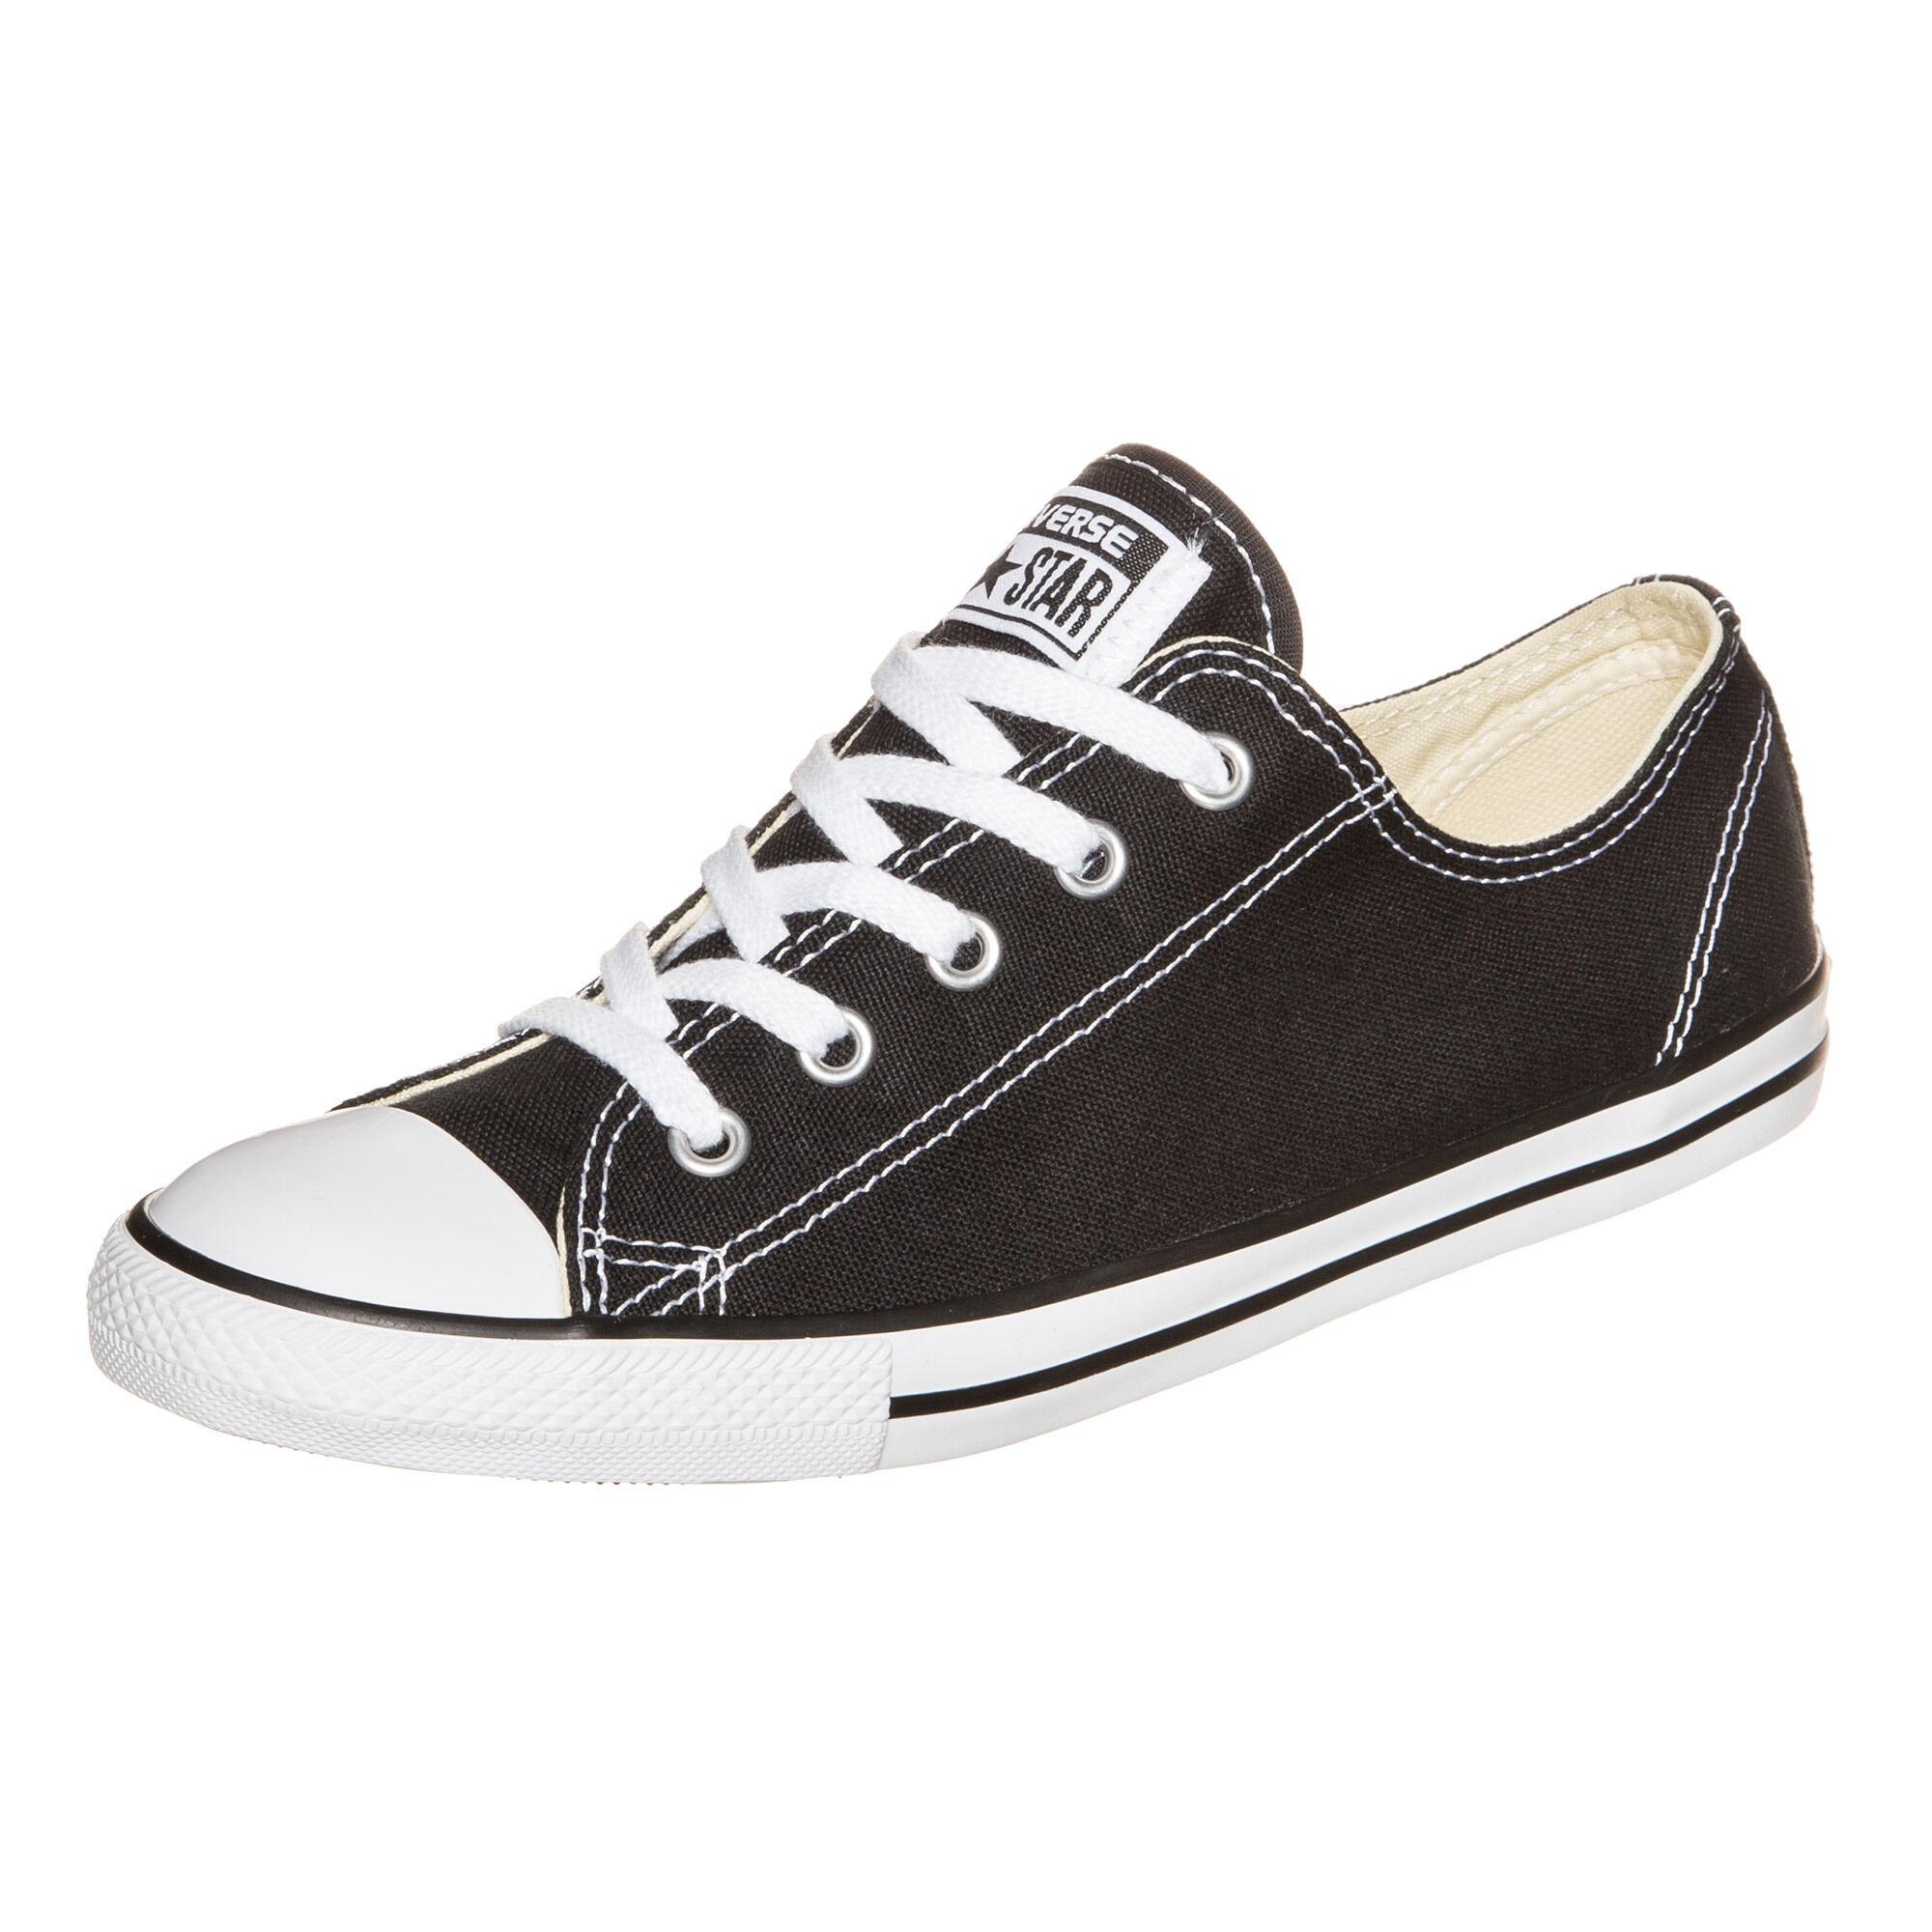 Converse Chuck Taylor All Star Dainty OX Sneaker Damen bei OUTFITTER